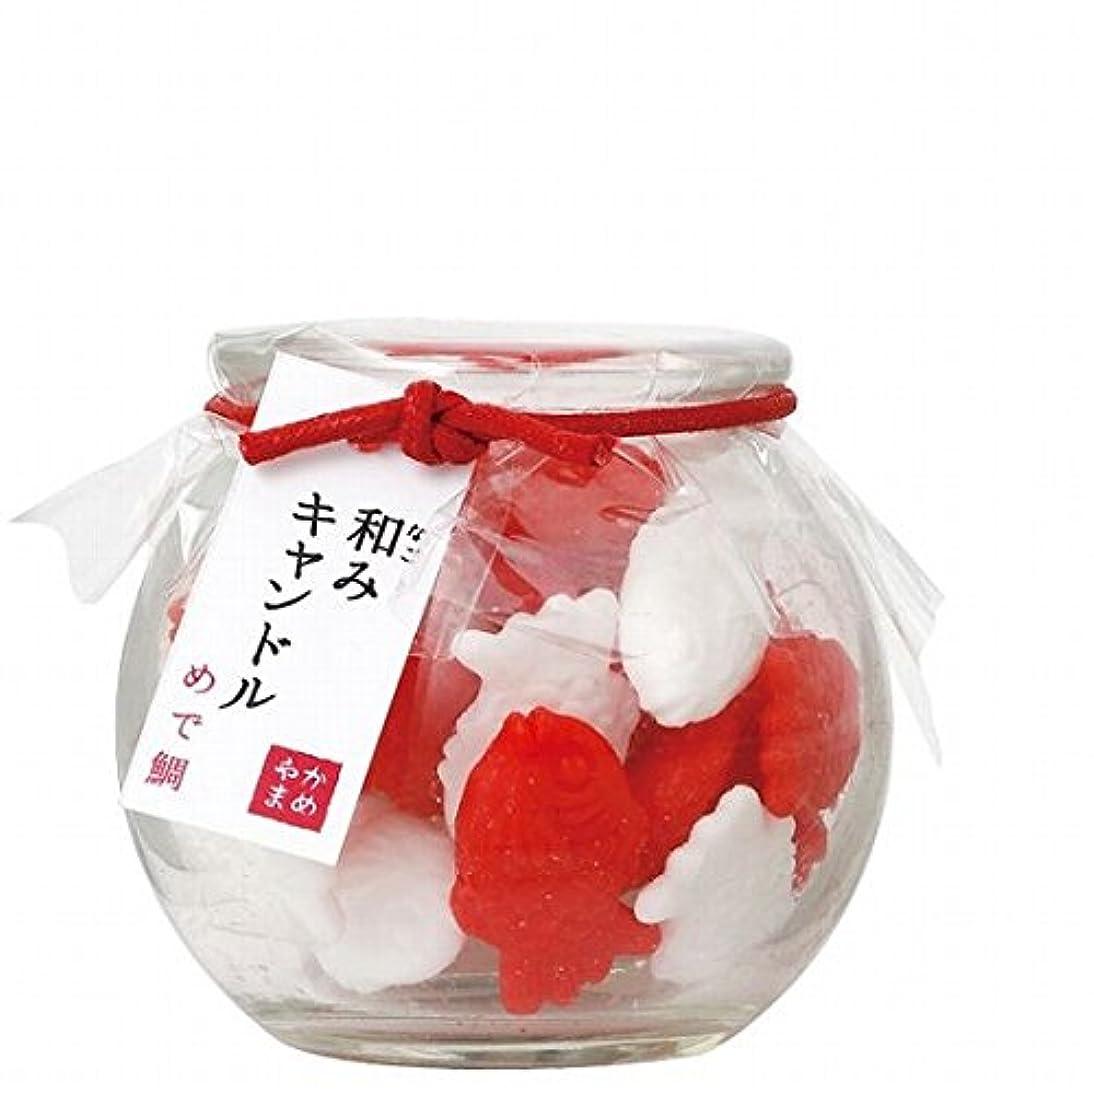 指標近似宇宙船カメヤマキャンドル(kameyama candle) 和みキャンドル 「めで鯛」